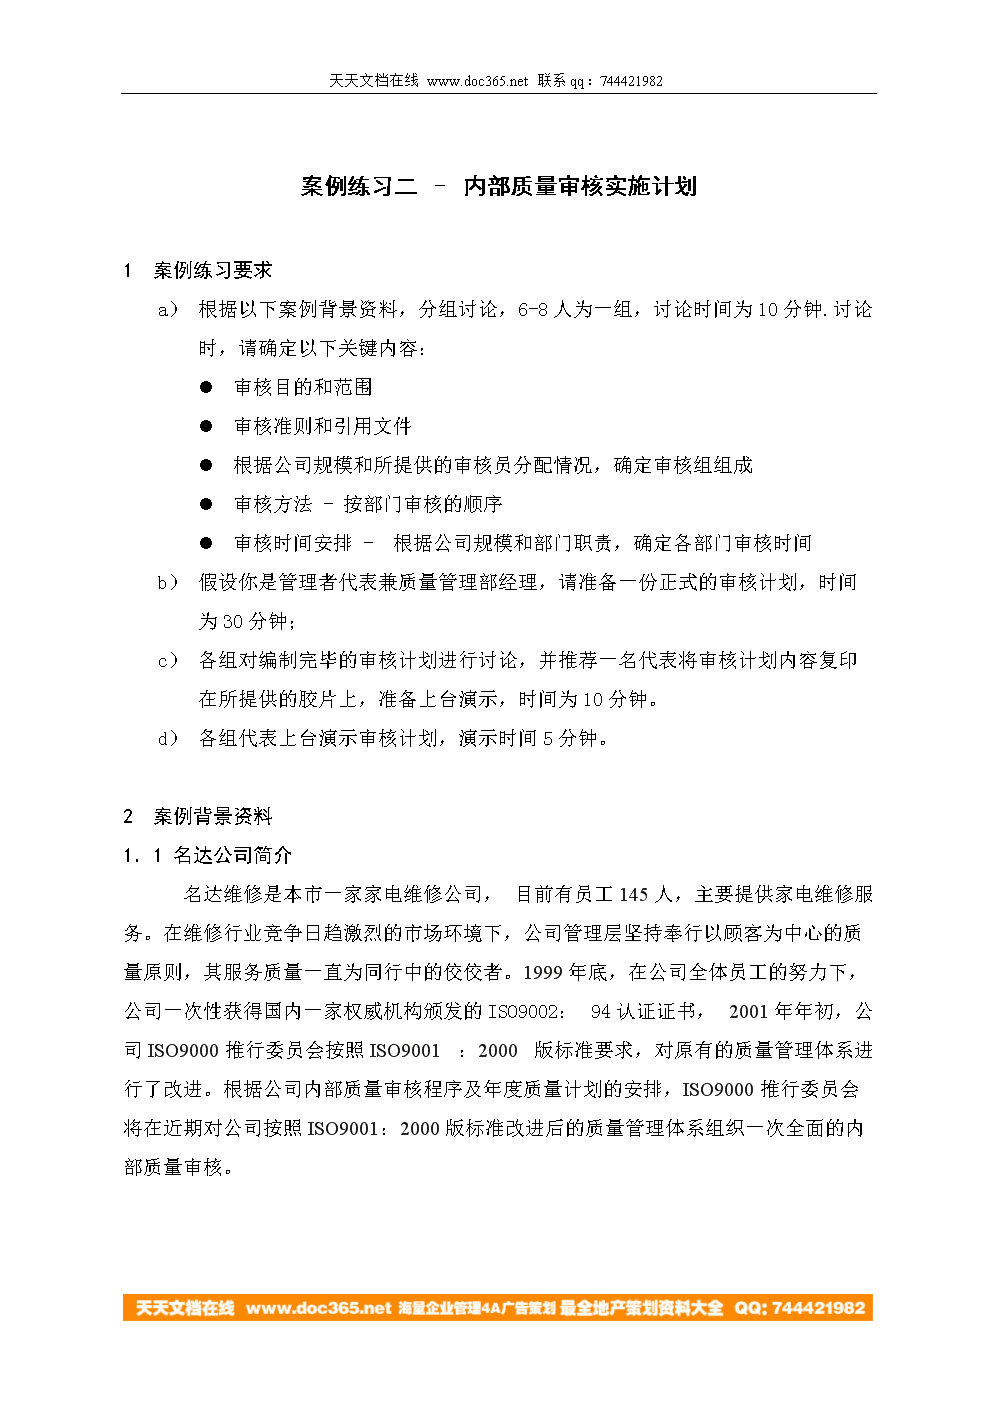 案例練習二 審核計劃.doc